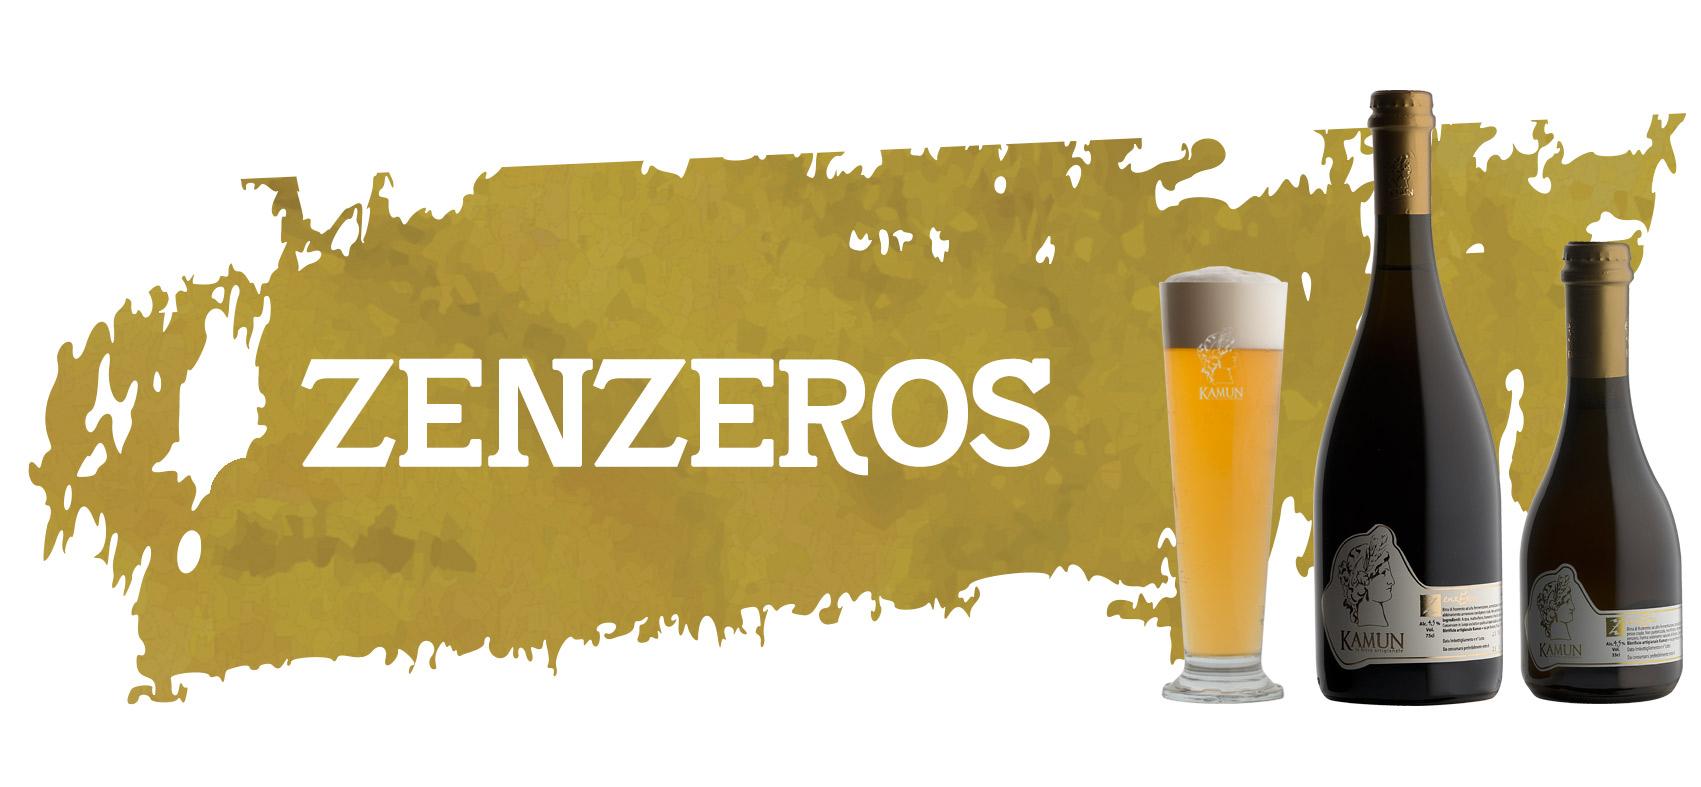 zenzeros-title-schiuma